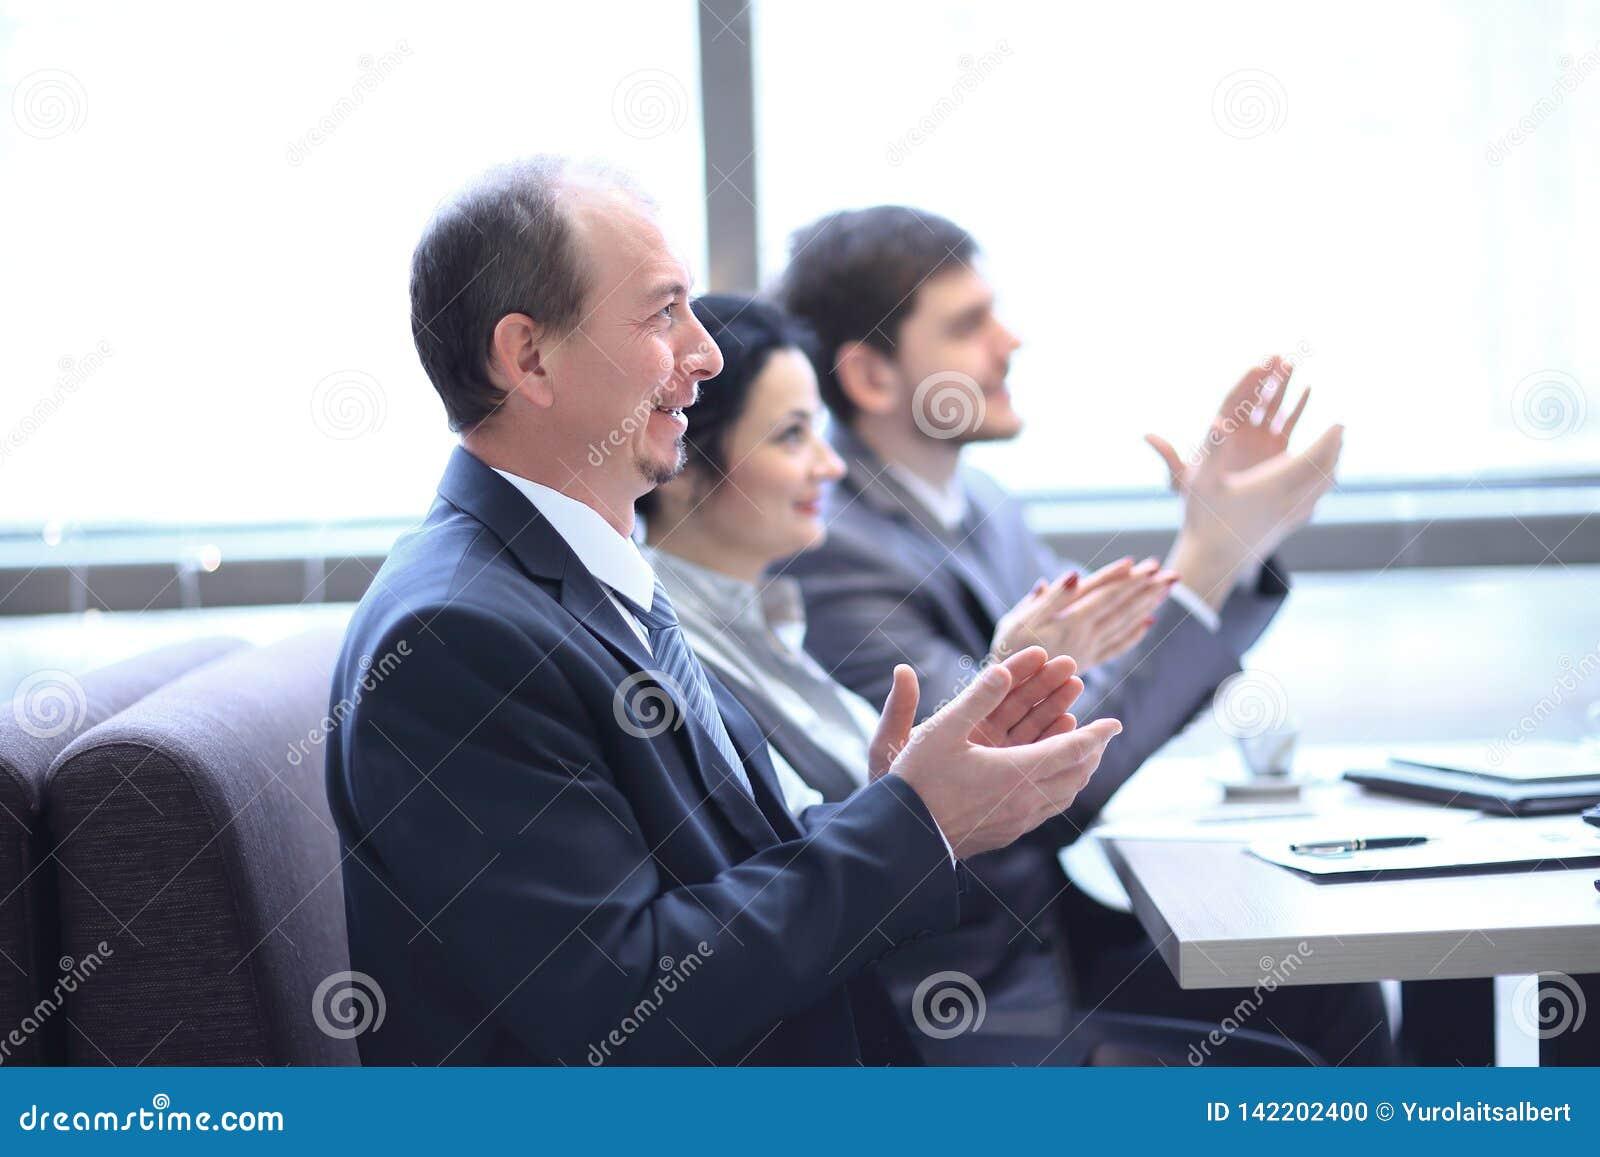 Z bliska biznes drużyna oklaskuje mówcy, siedzi w miejsce pracy